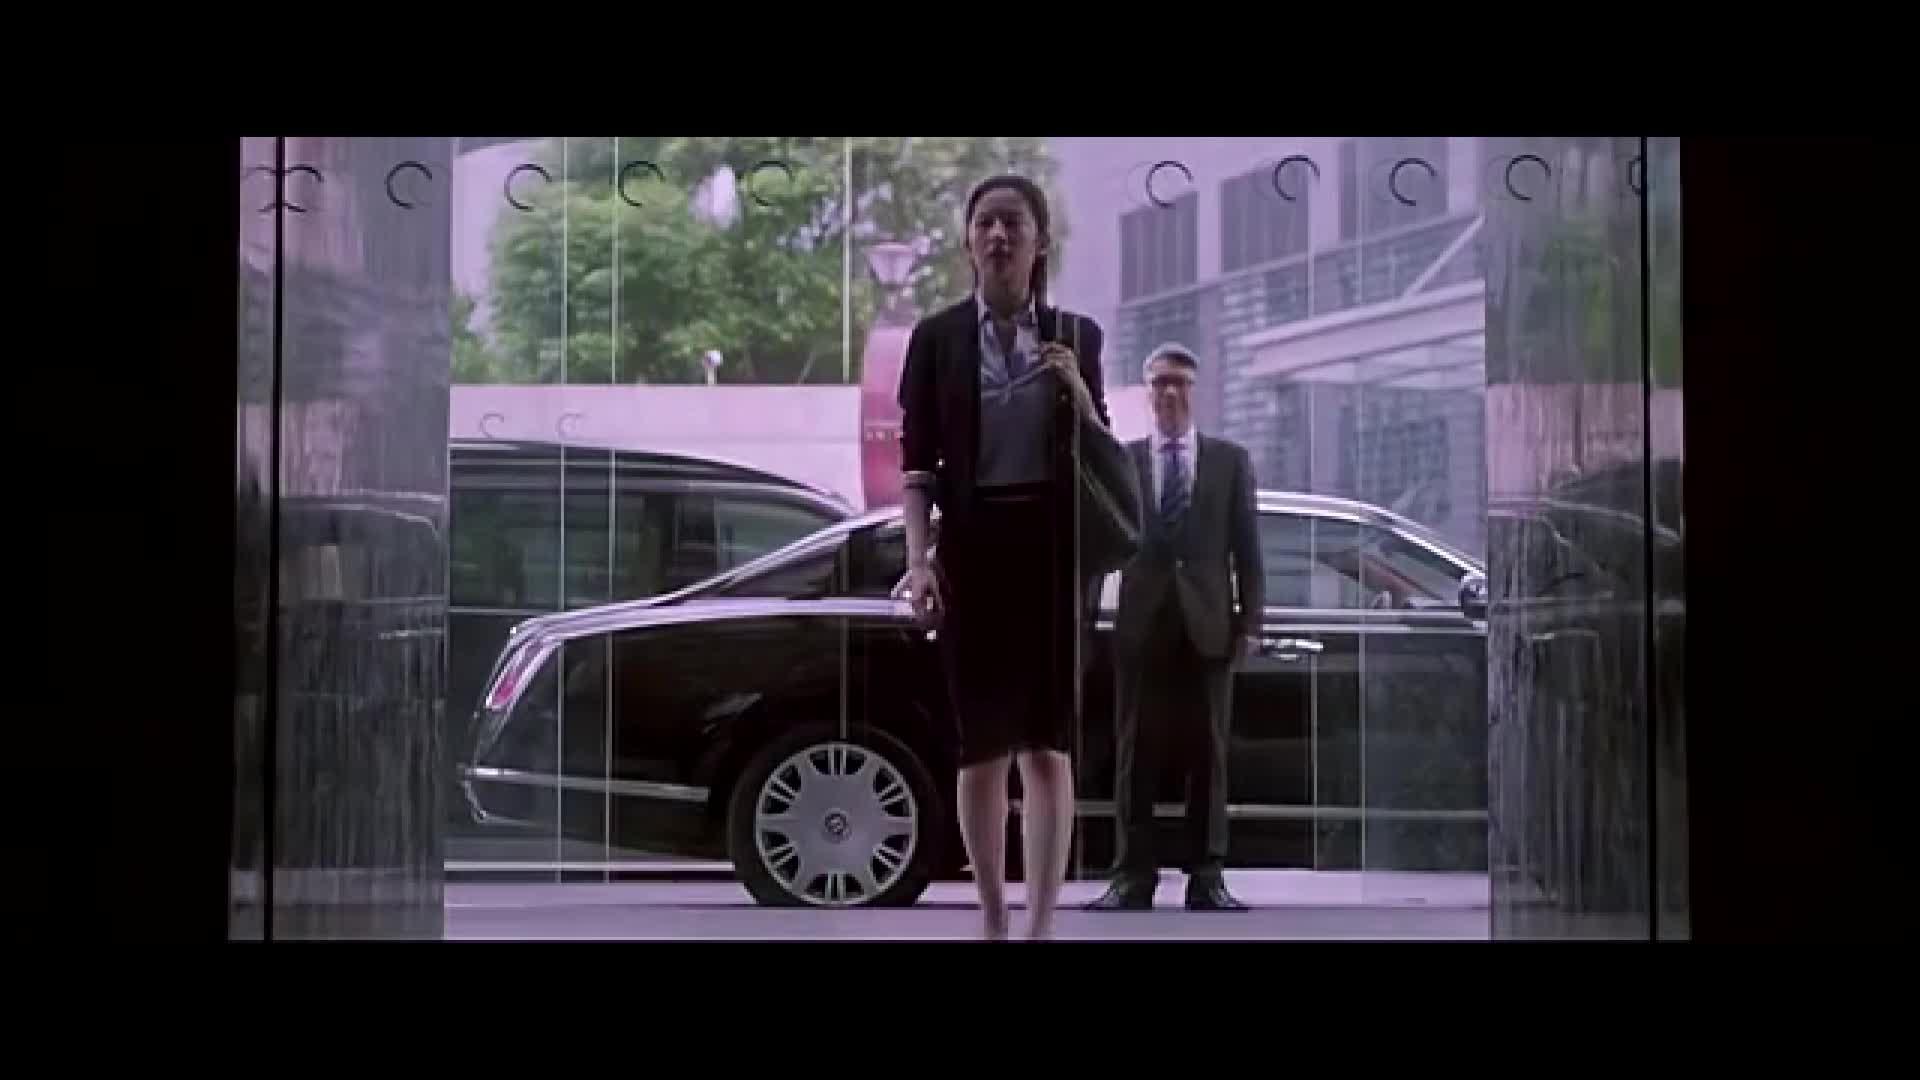 女人从车上下来环顾四周,走进大厅,进入到房间里